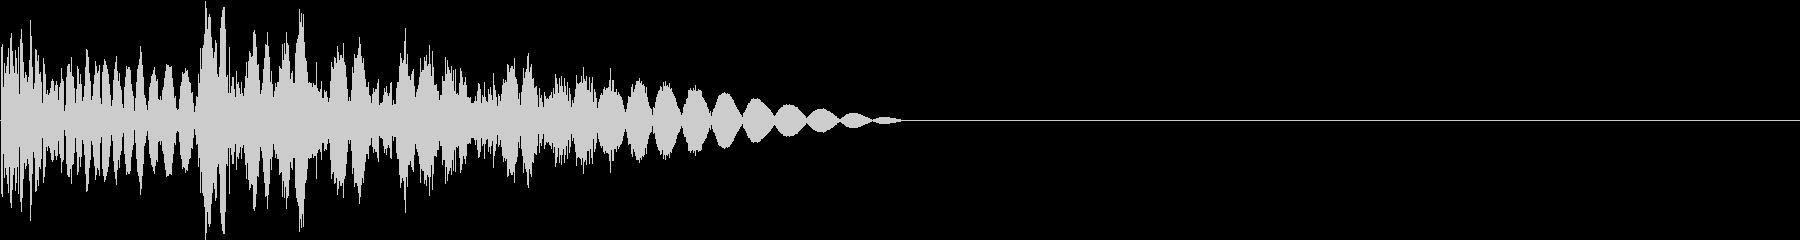 バスッ(キック・物理攻撃・横スクロール)の未再生の波形